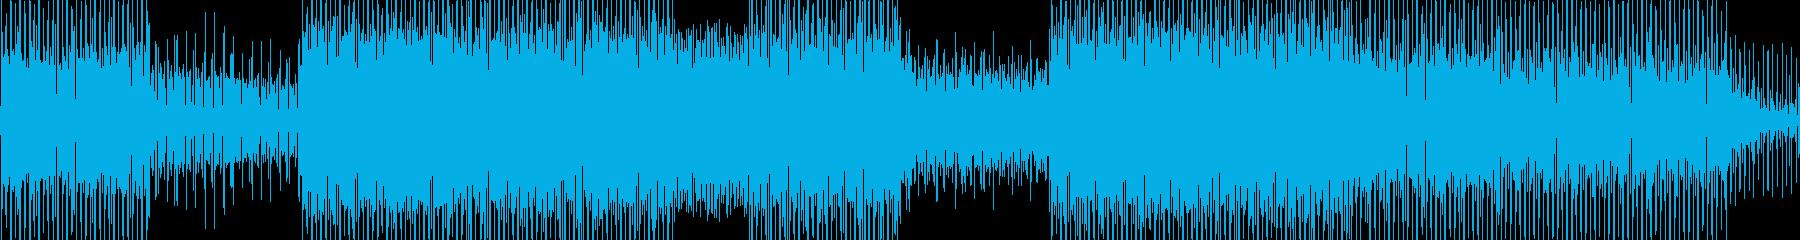 躍動感を感じるEDMの再生済みの波形